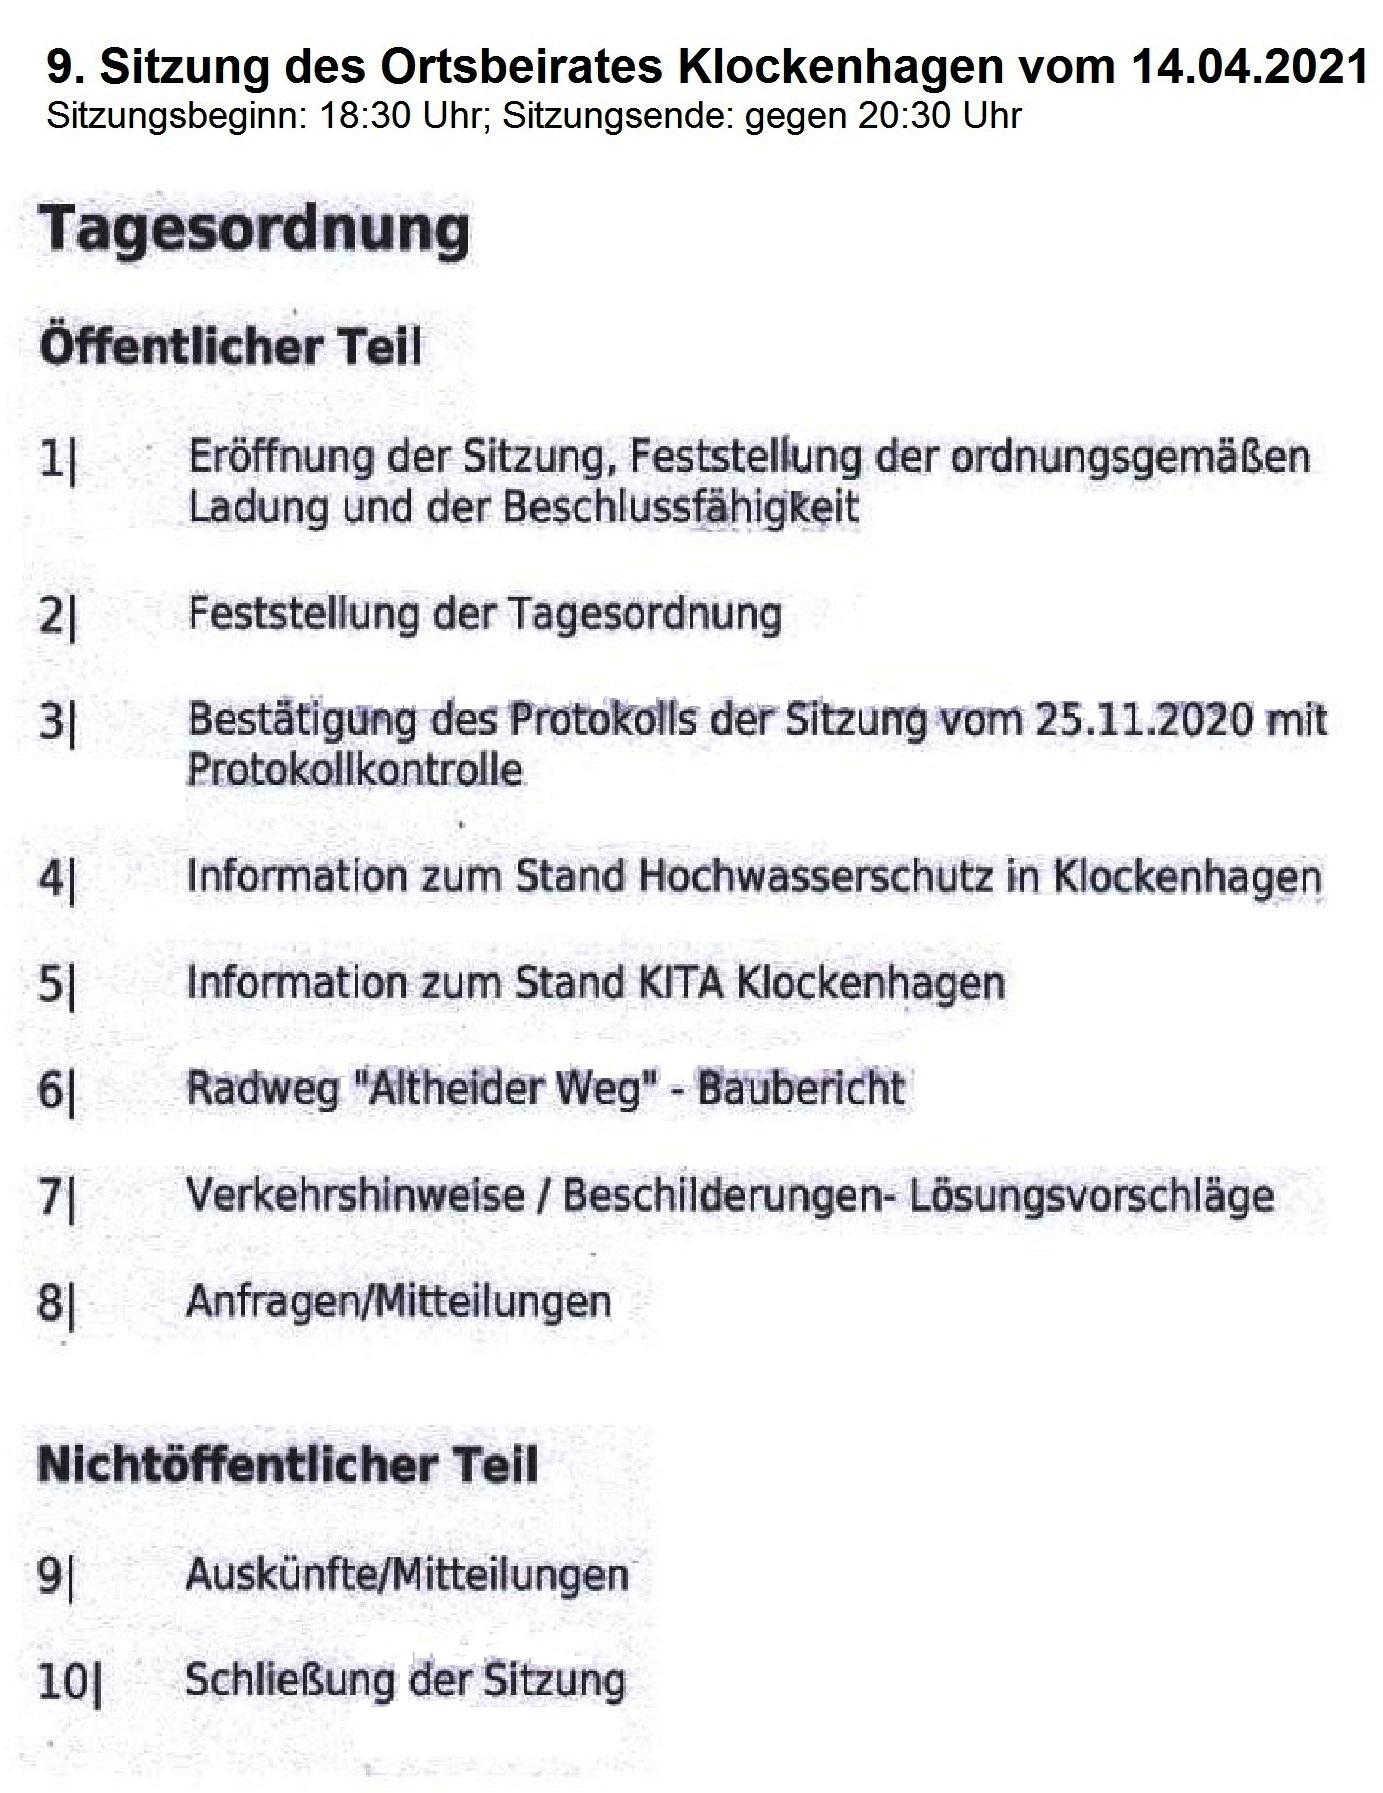 9. Sitzung des Ortsbeirates Klockenhagen vom 14.04.2021 im Begegnungszentrum Ribnitz-Damgarten - Sitzungsbeginn: 18:30 Uhr - Sitzungsende: gegen 20:30 Uhr - Tagesordnung